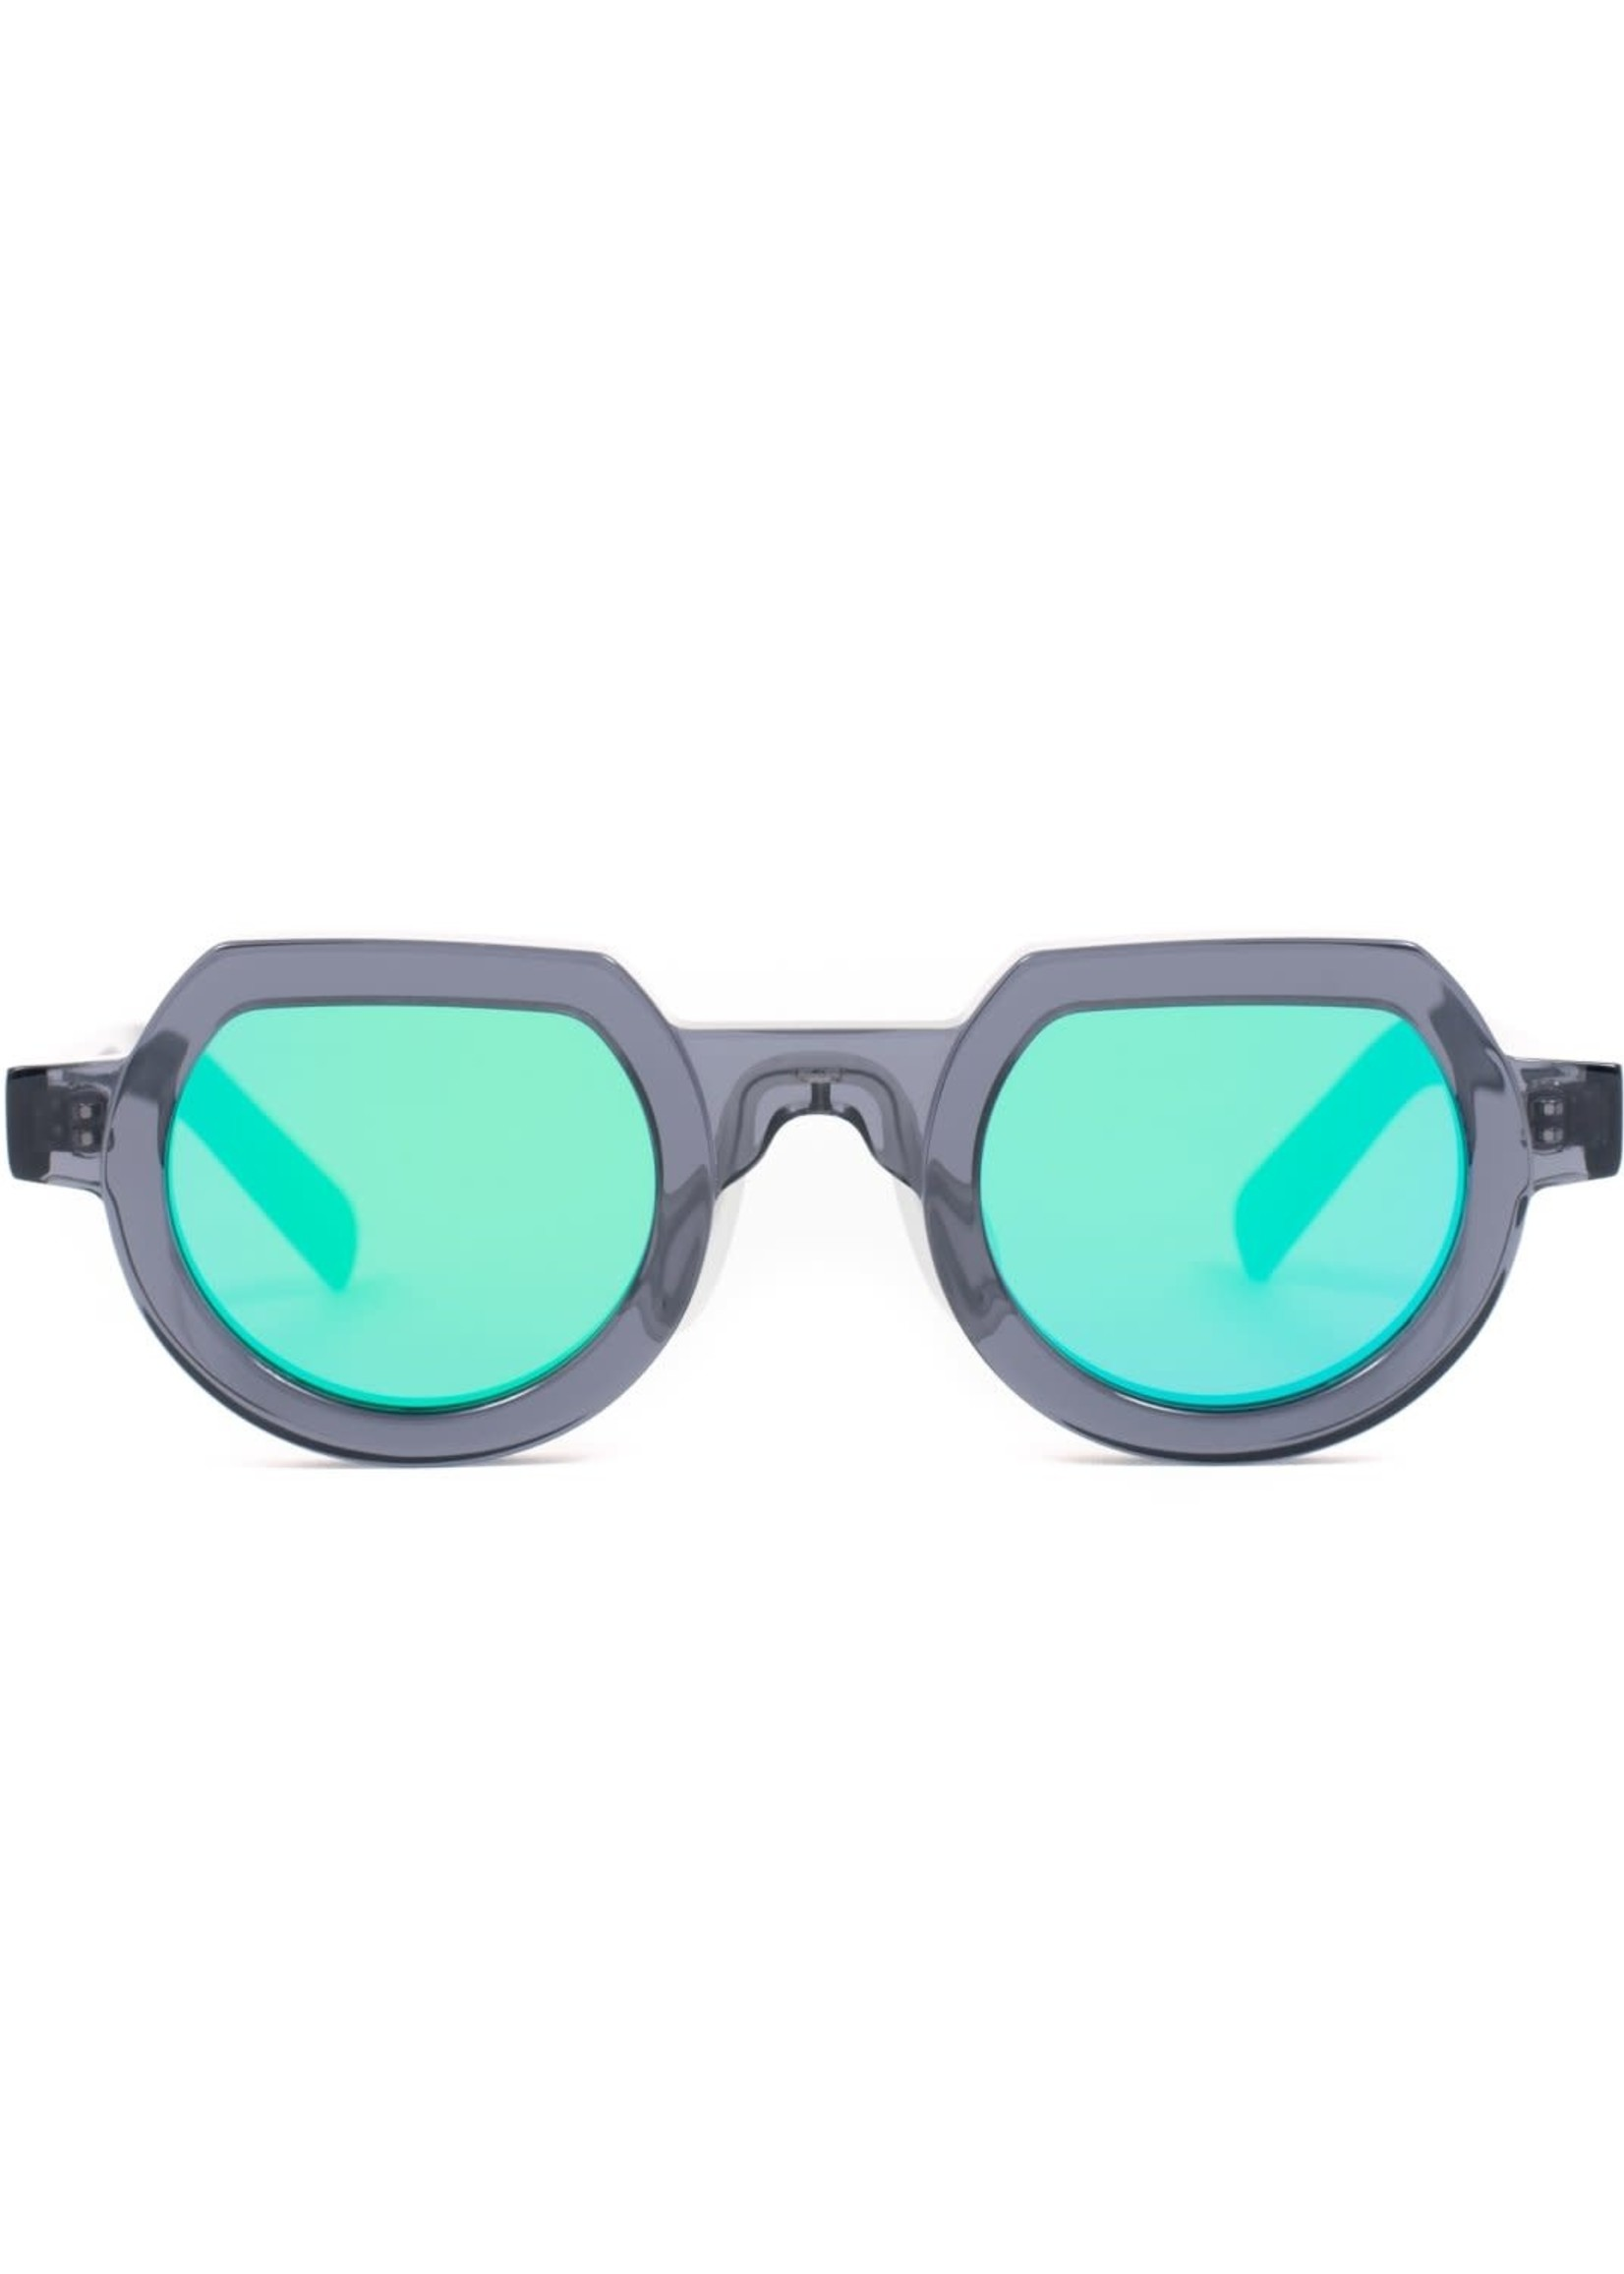 Brain Dead Tani Sunglasses in Smoke / Blue Reflective